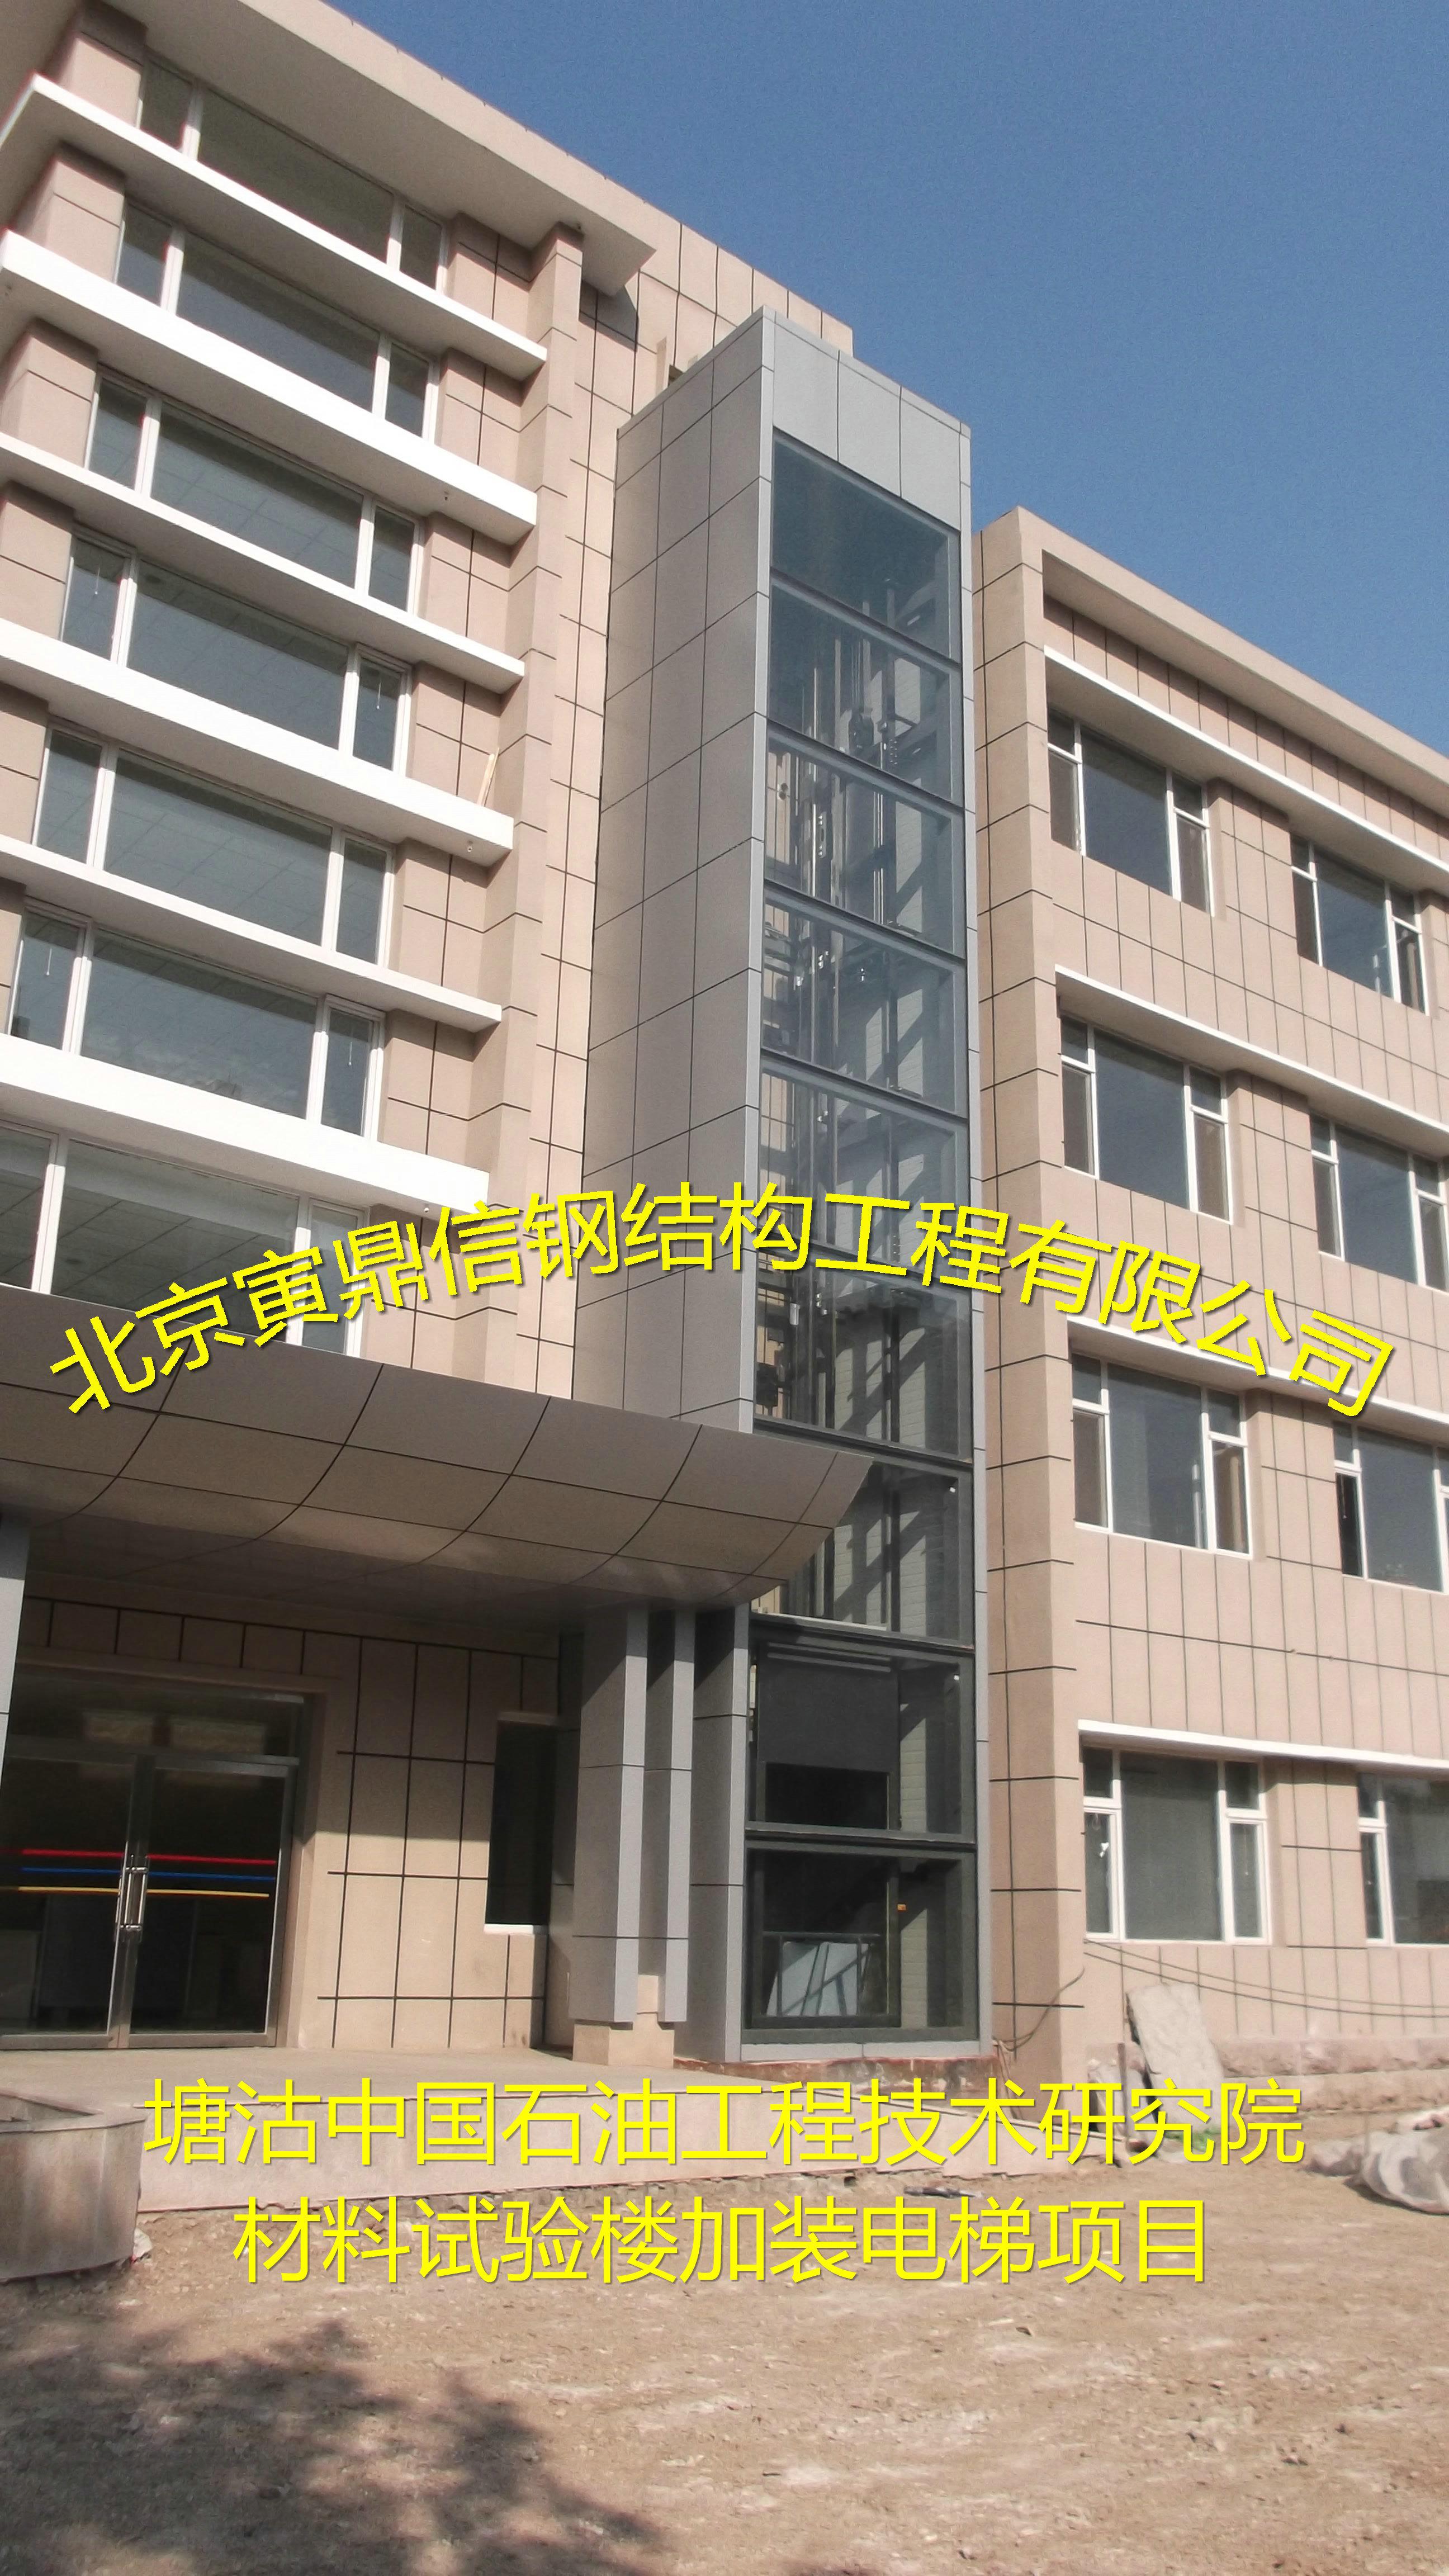 北京大兴电梯钢结构井道施工单位报价